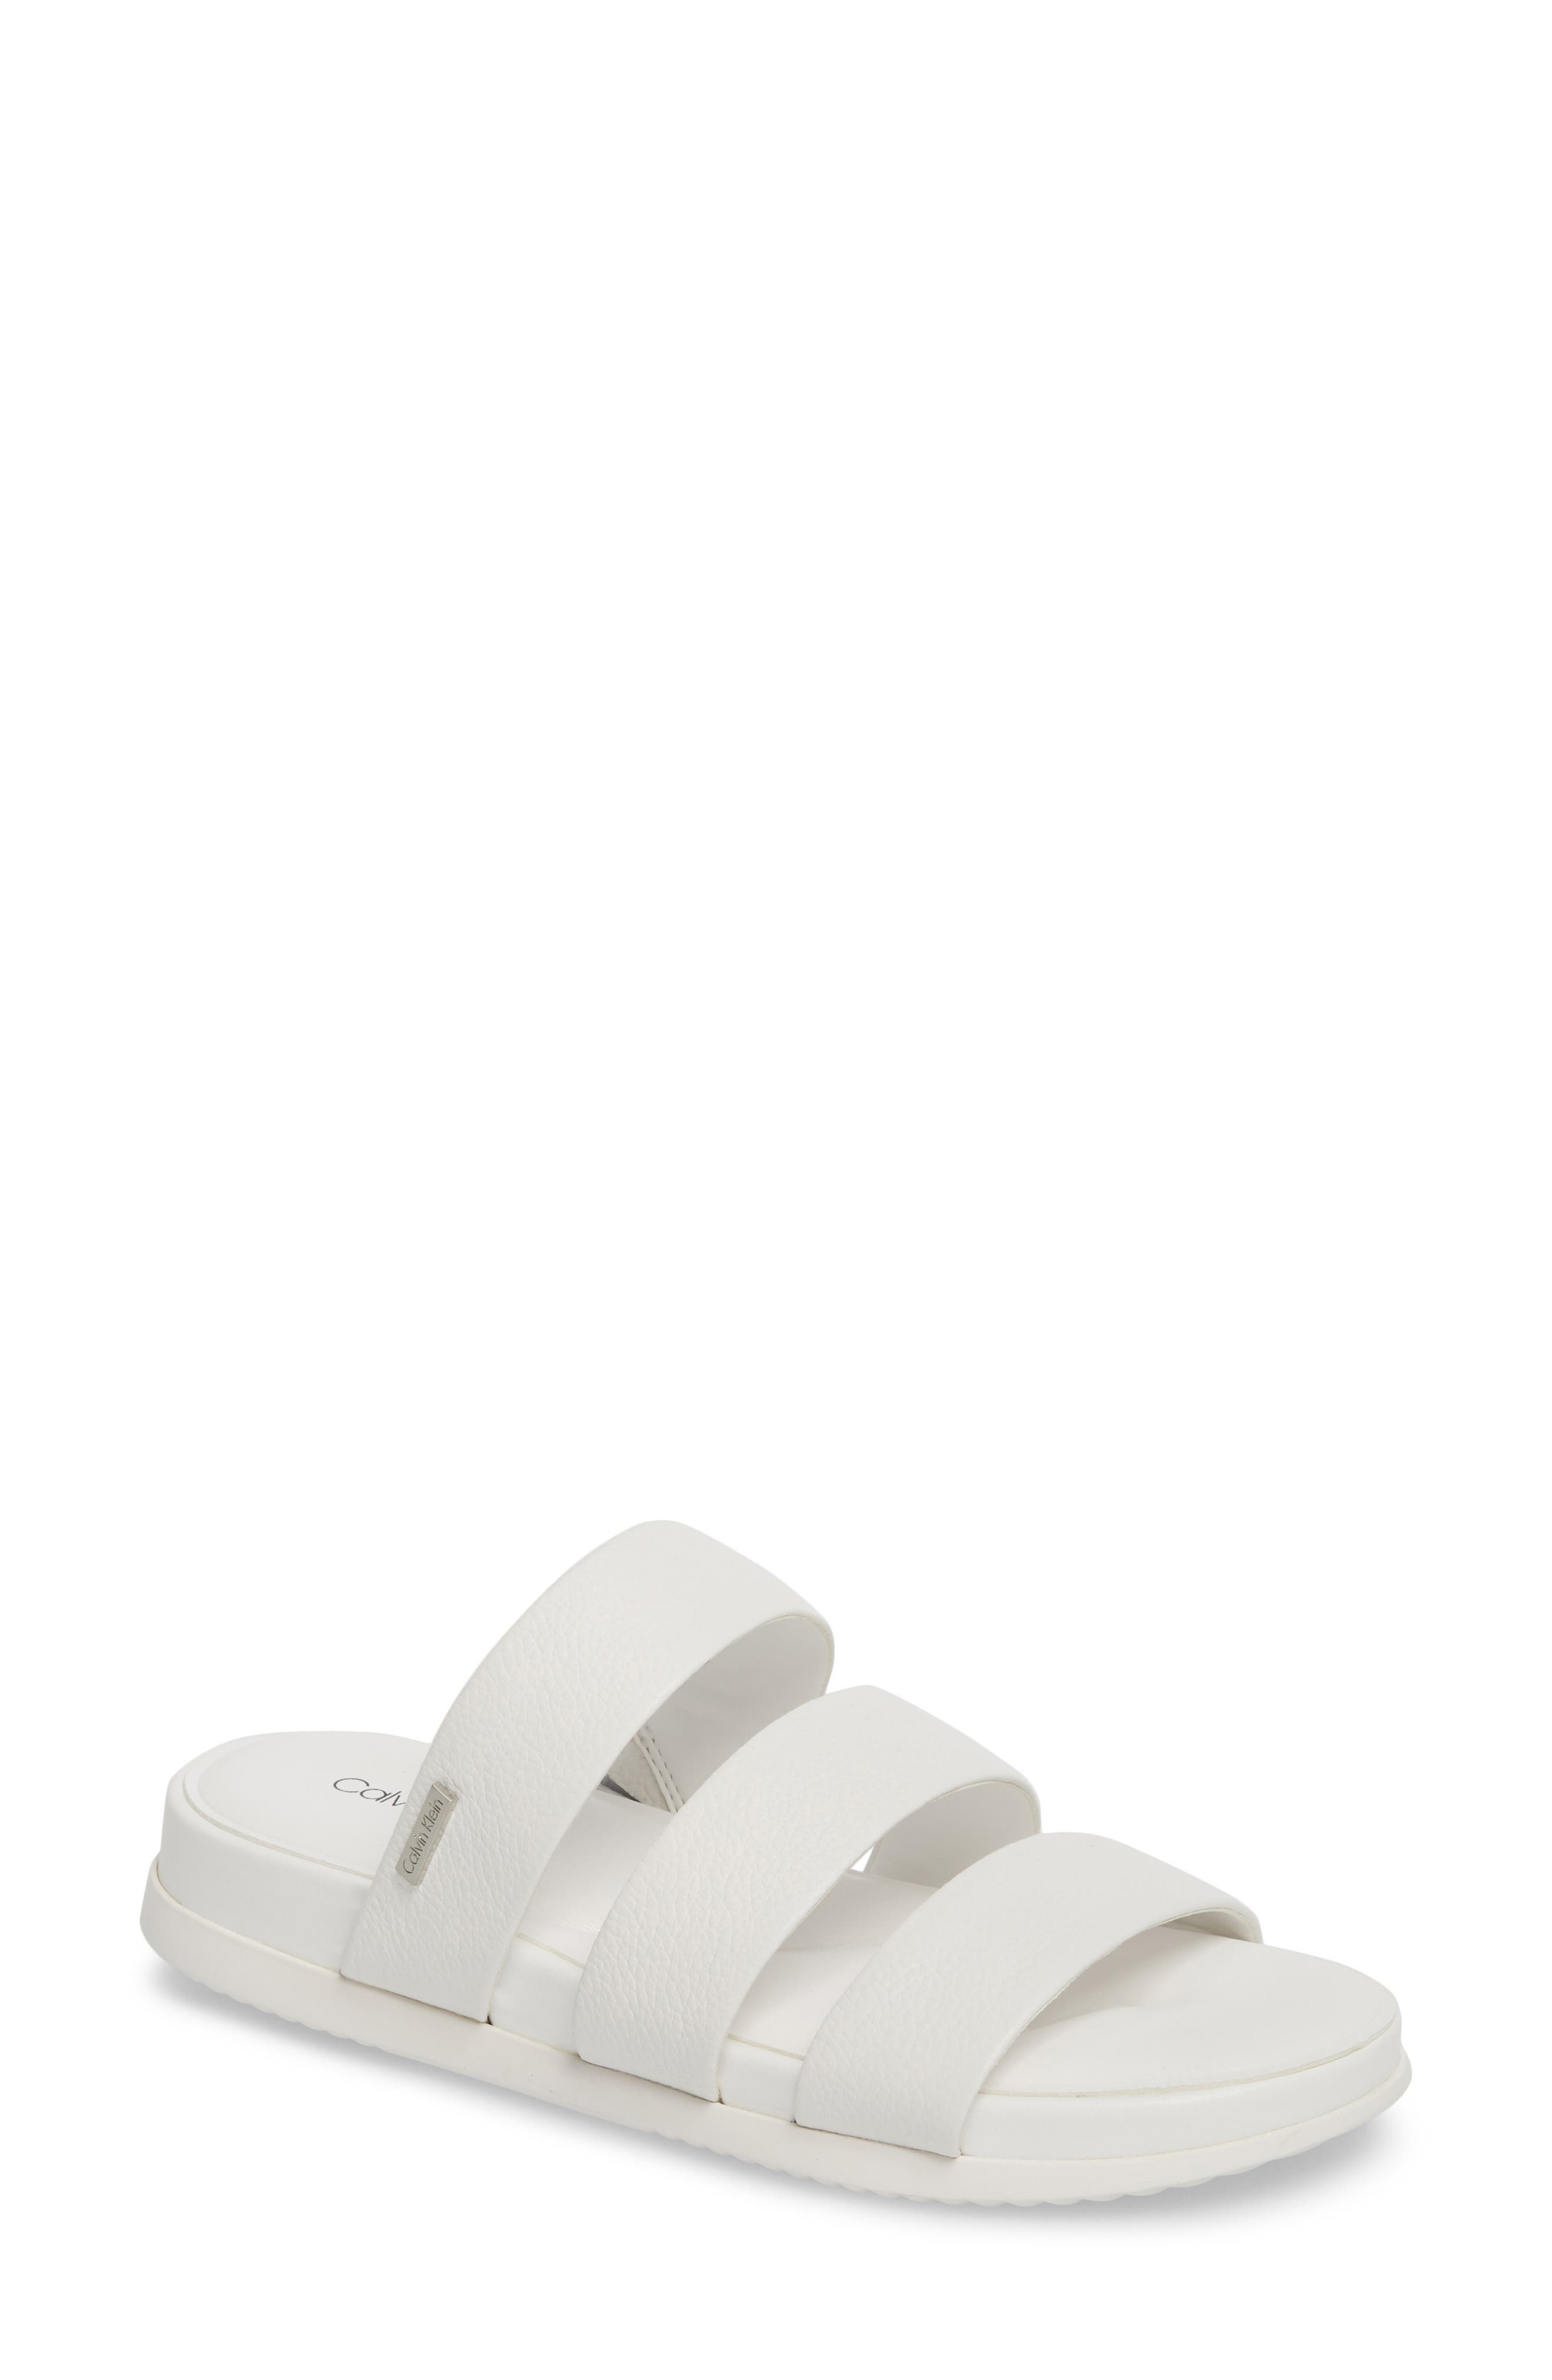 Dalana Slide Sandal,                             Main thumbnail 1, color,                             Platinum White Pebble Leather